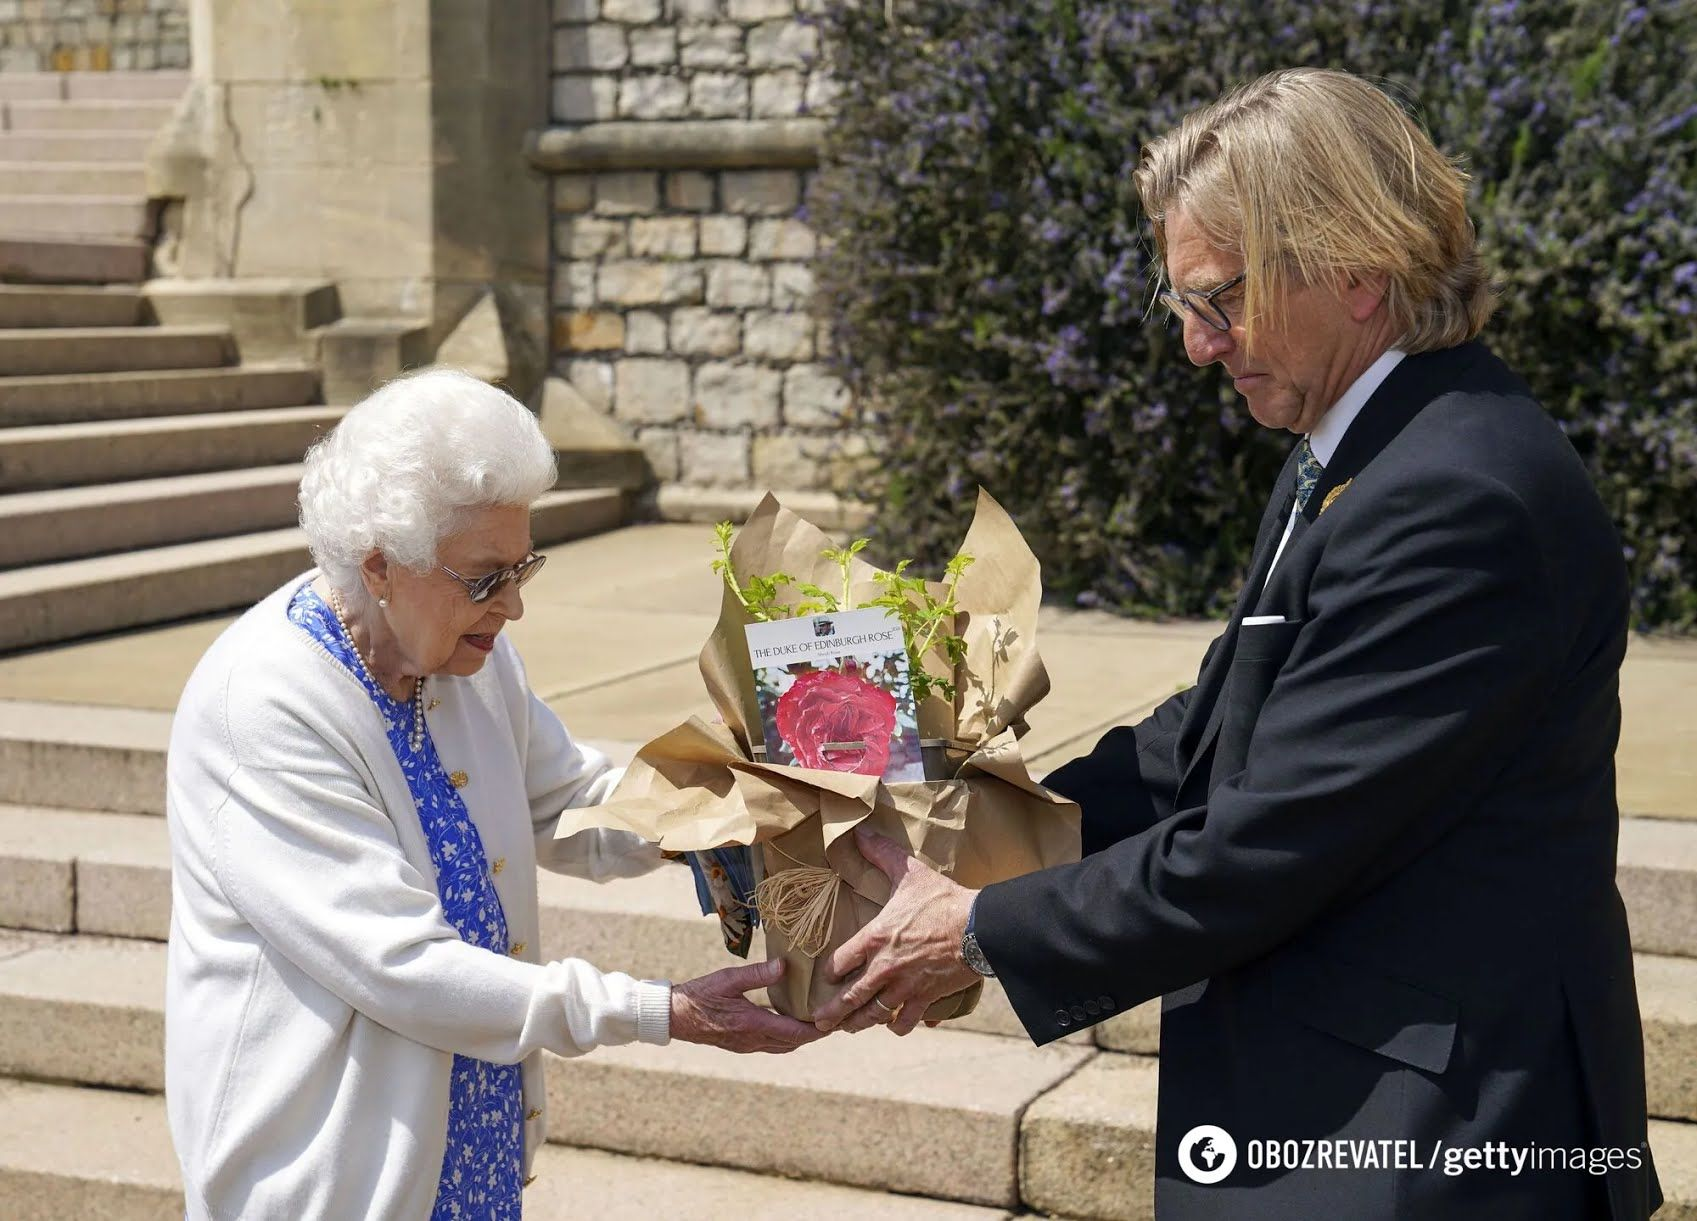 Єлизавета II назвала троянду в честь чоловіка.